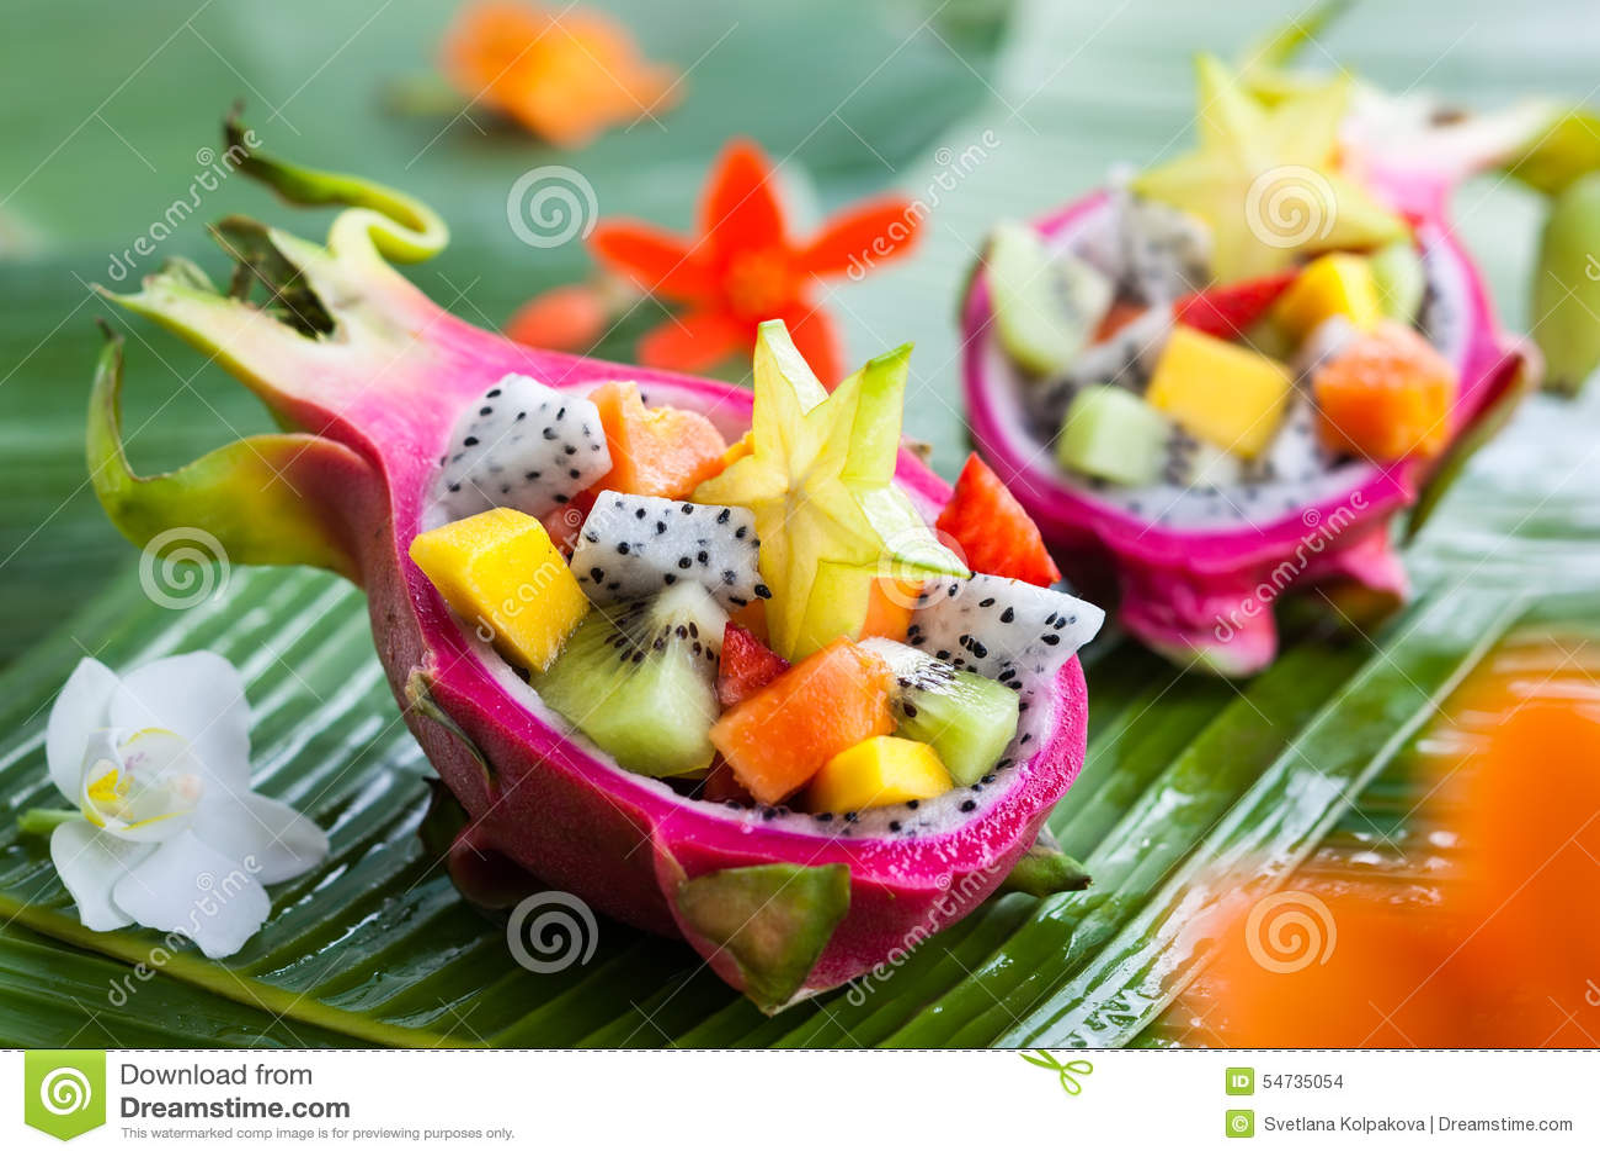 Salade de fruits exotique